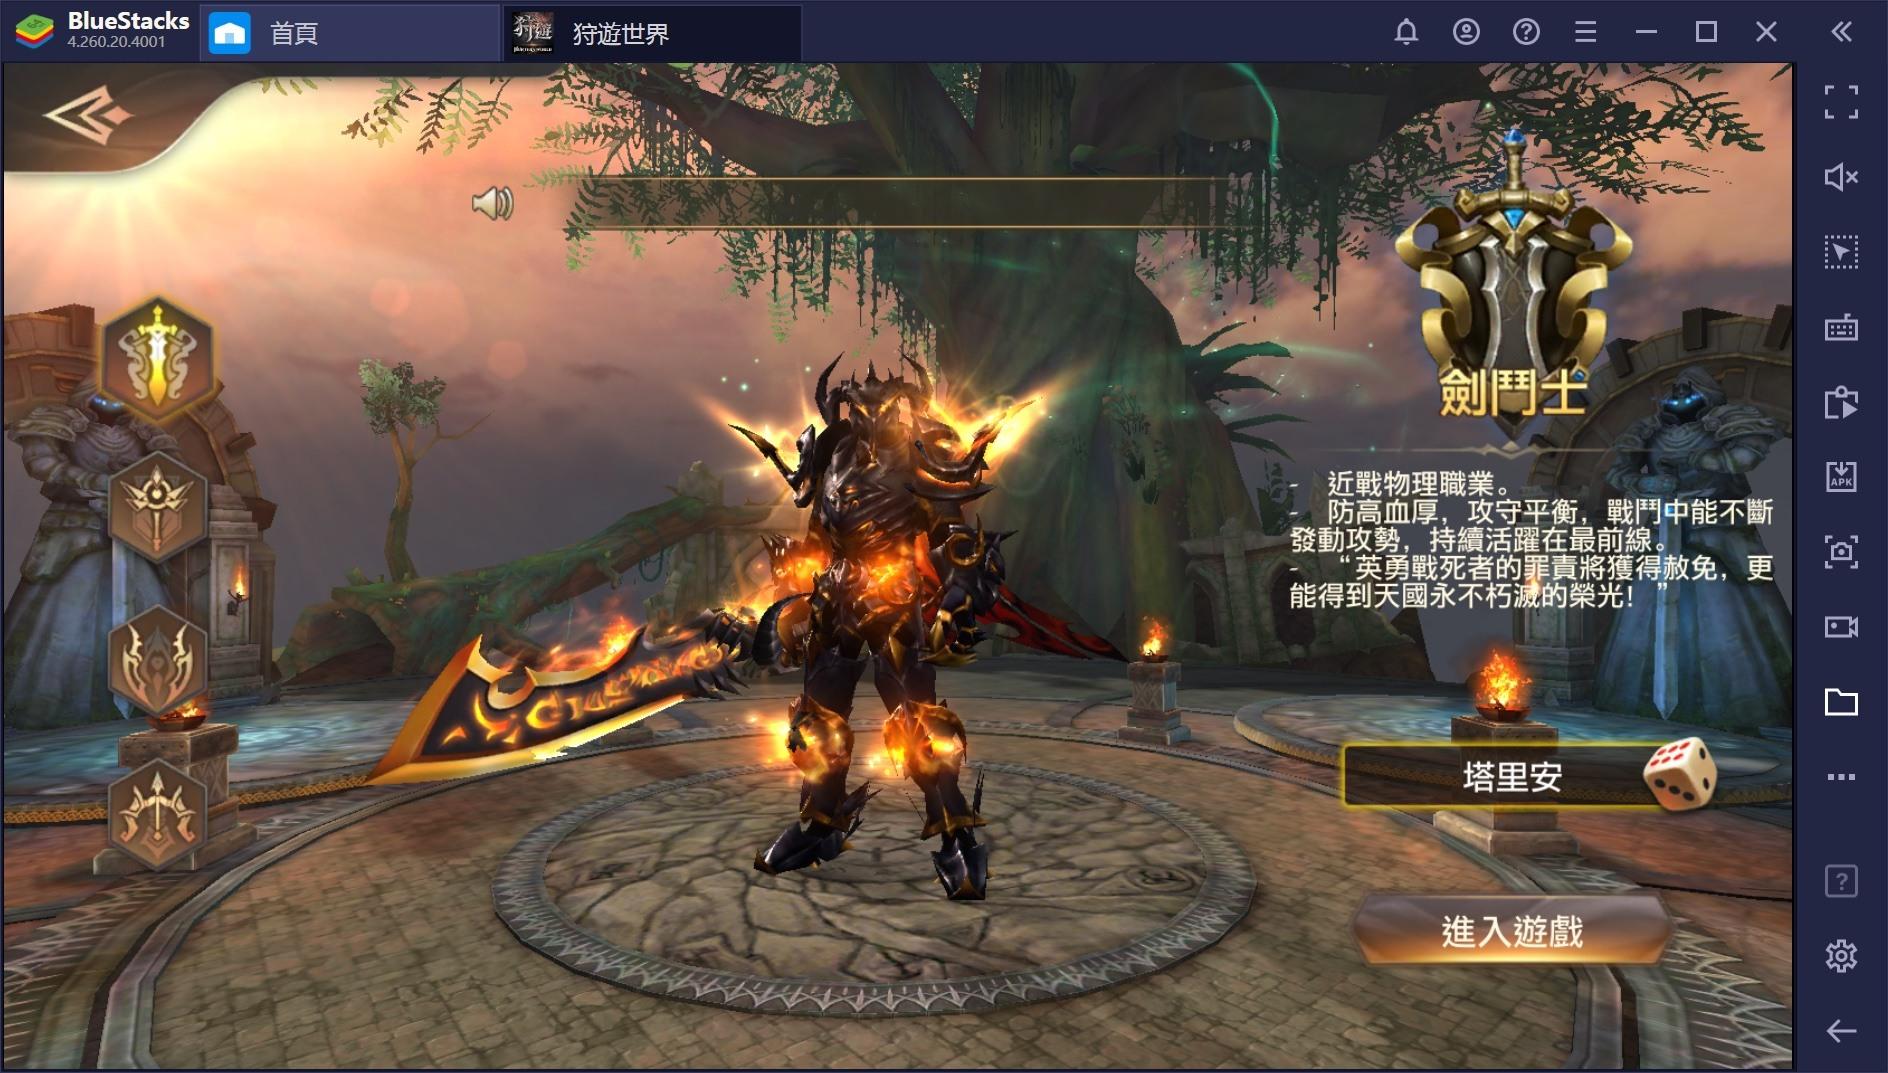 如何用BlueStacks在PC上玩次世代MMORPG手遊《狩遊世界:《首部曲》純白禁區》